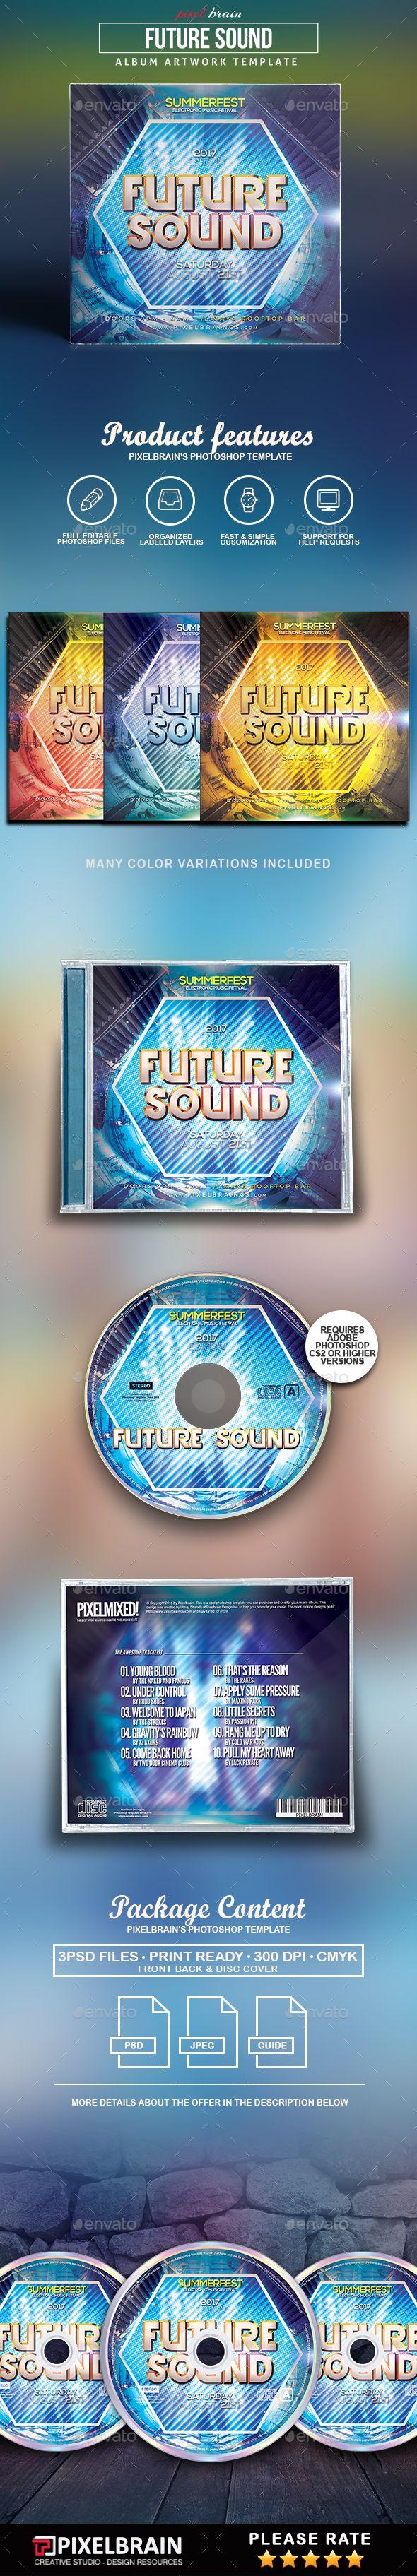 23 best CD DVD Artwork Template images on Pinterest   Cd cover ...